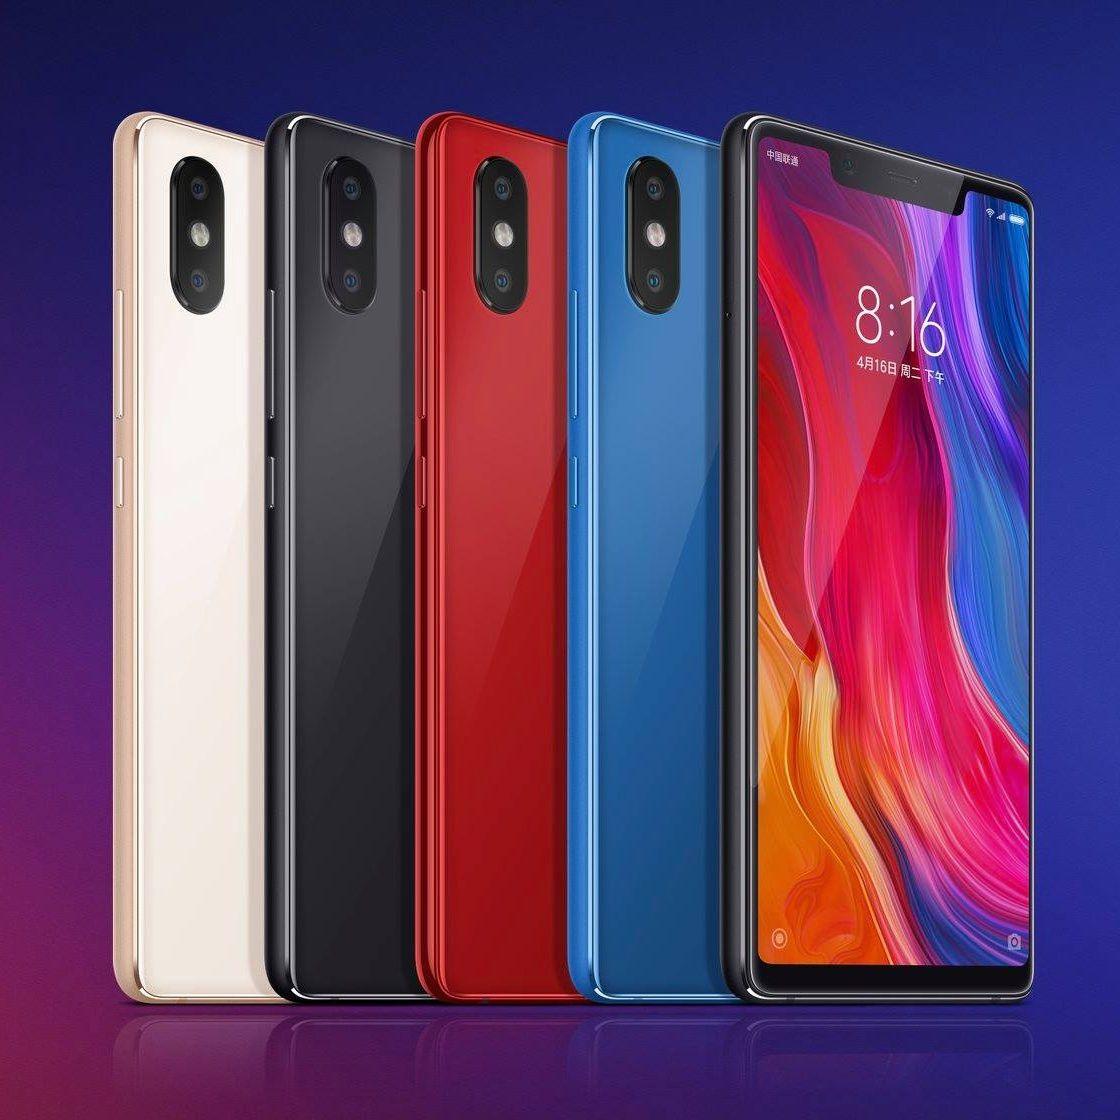 Xiaomi Mi 8 SE für 248,18€ inkl. Versand